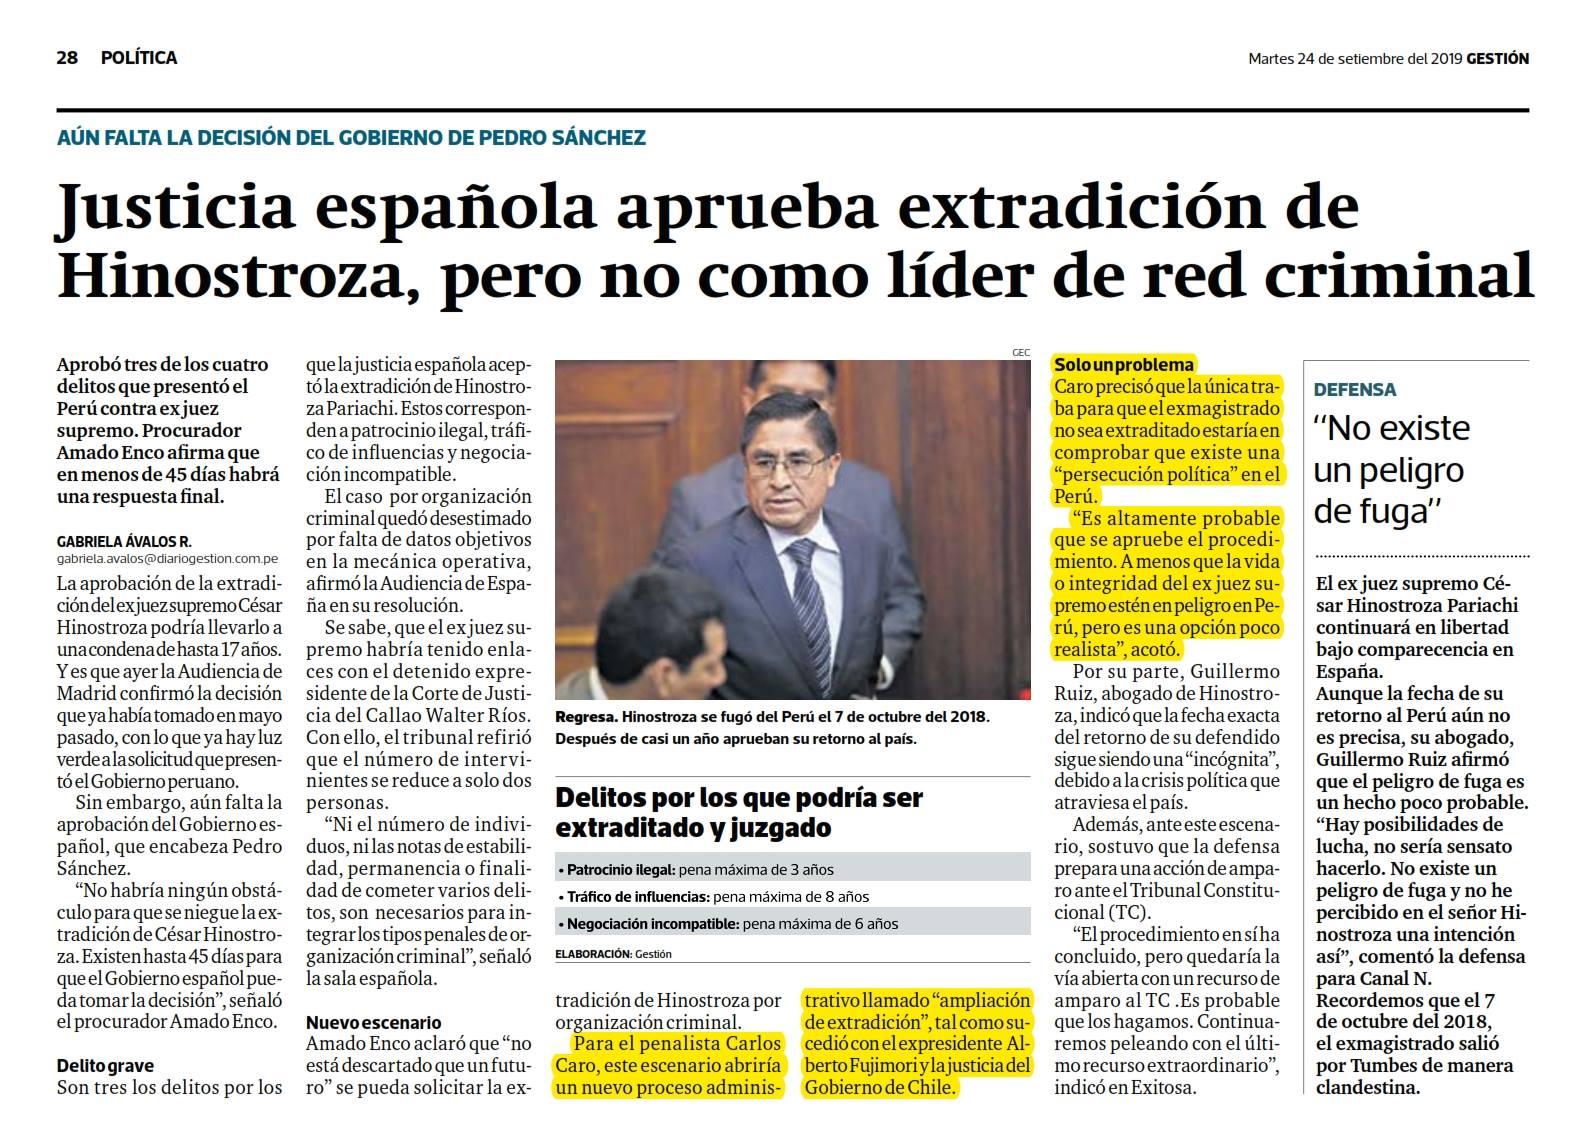 La Extradición Del Ex Juez Supremo, César Hinostroza, Aprobada Por La Justicia Española; Por Los Delitos De Patrocinio Ilegal, Tráfico De Influencias Y Negociación Incompatible.